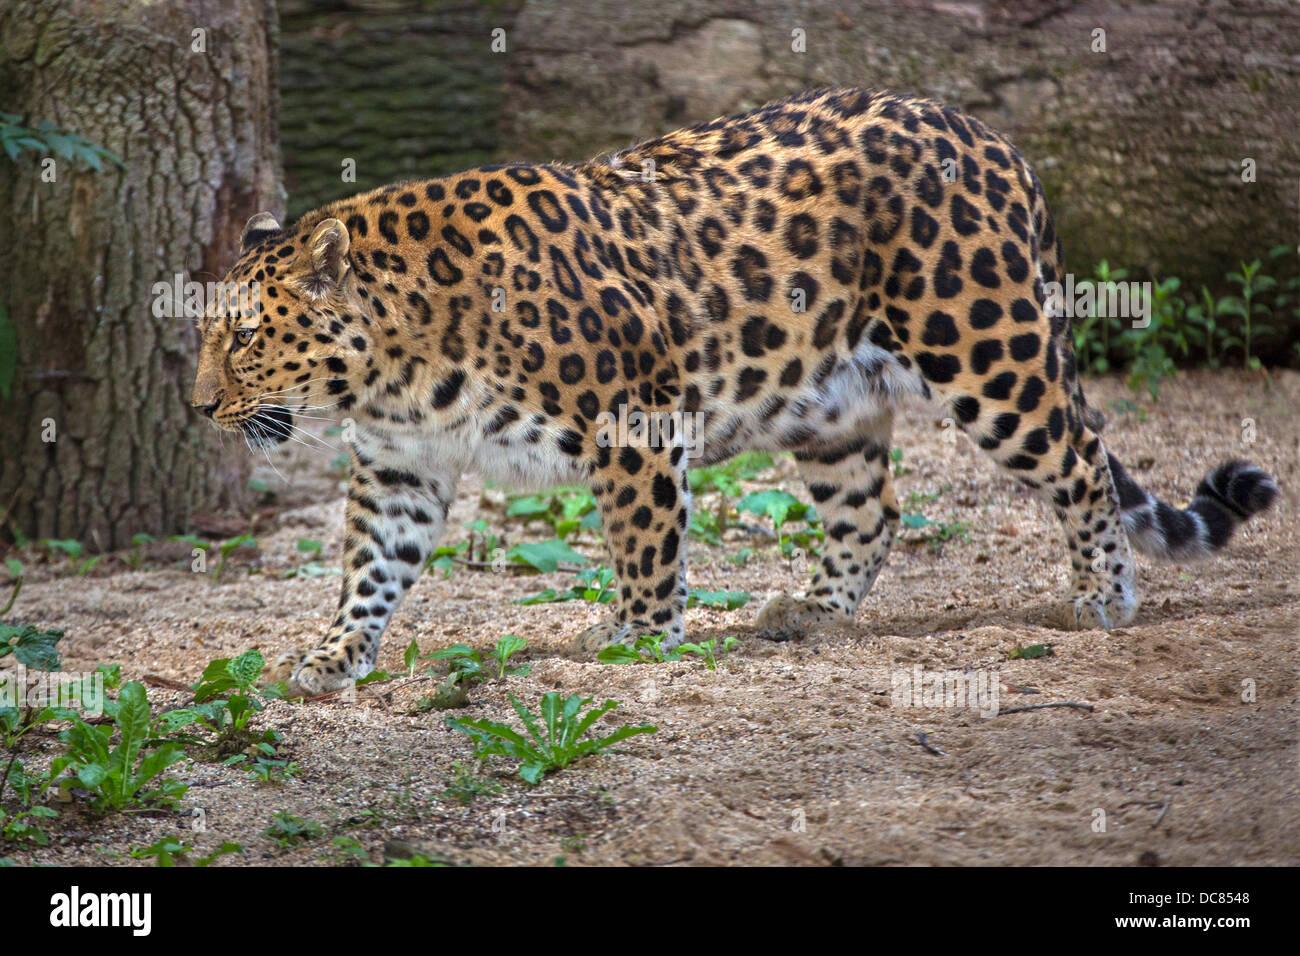 Amur Leopard - Stock Image